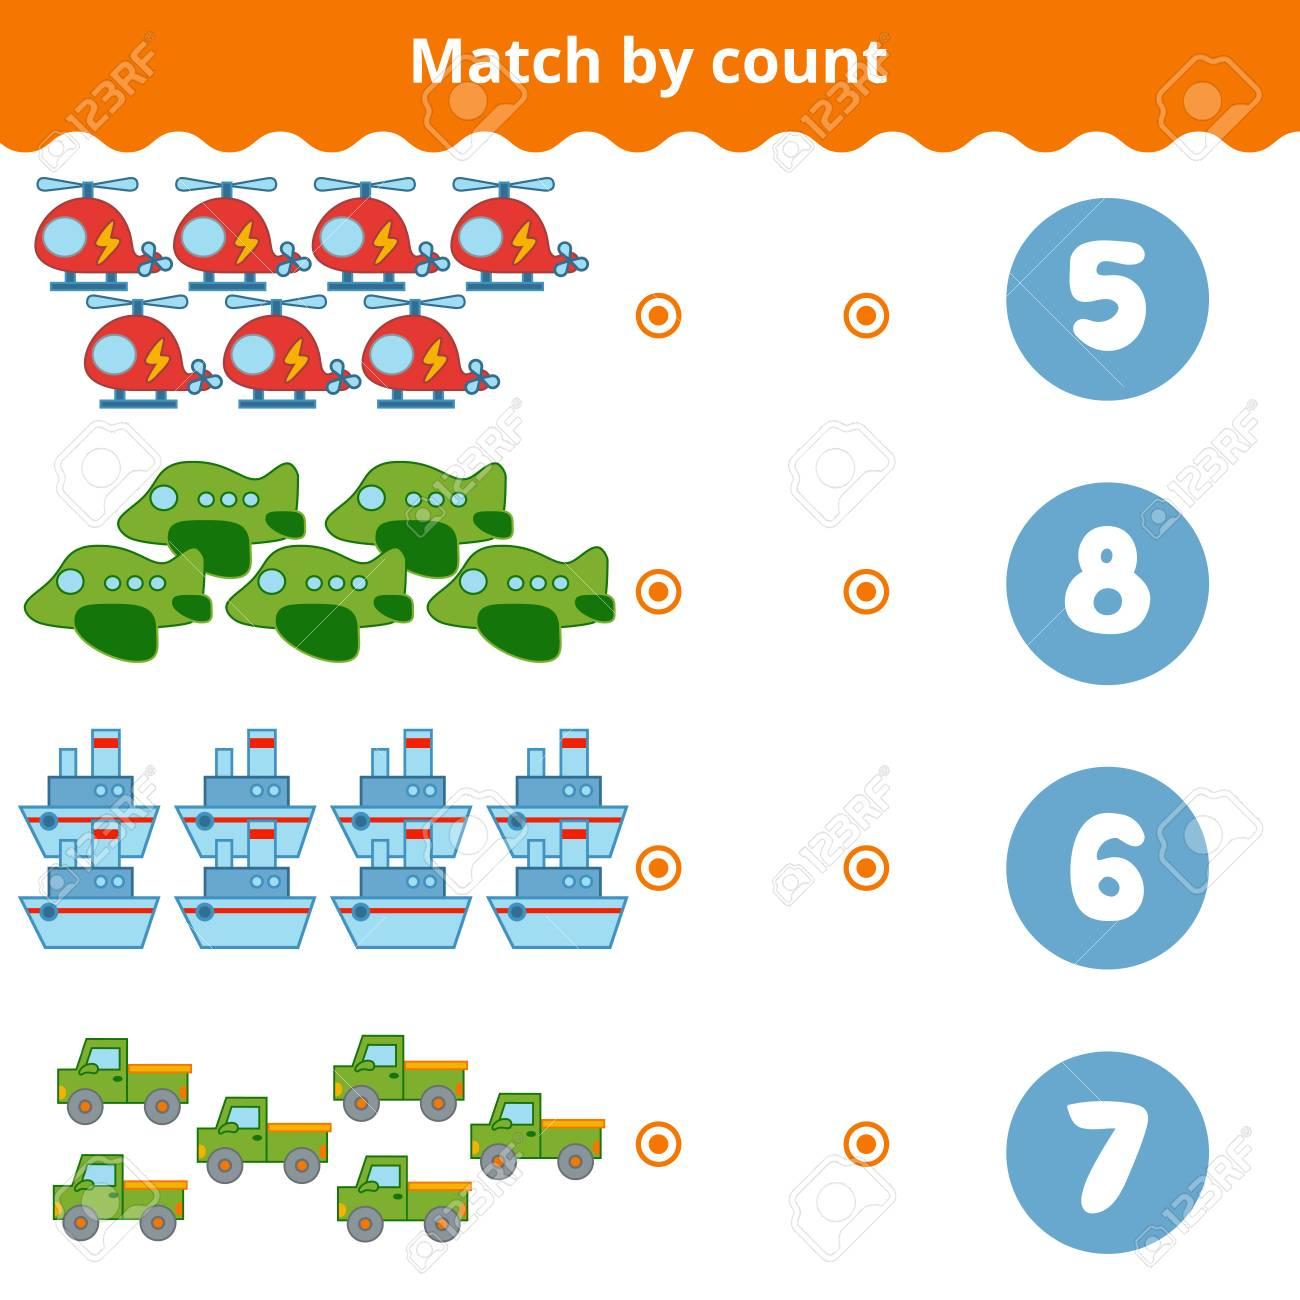 Compter Jeu Pour Enfants D'âge Préscolaire. Un Jeu Éducatif Mathématique. pour Jeux Enfant Educatif